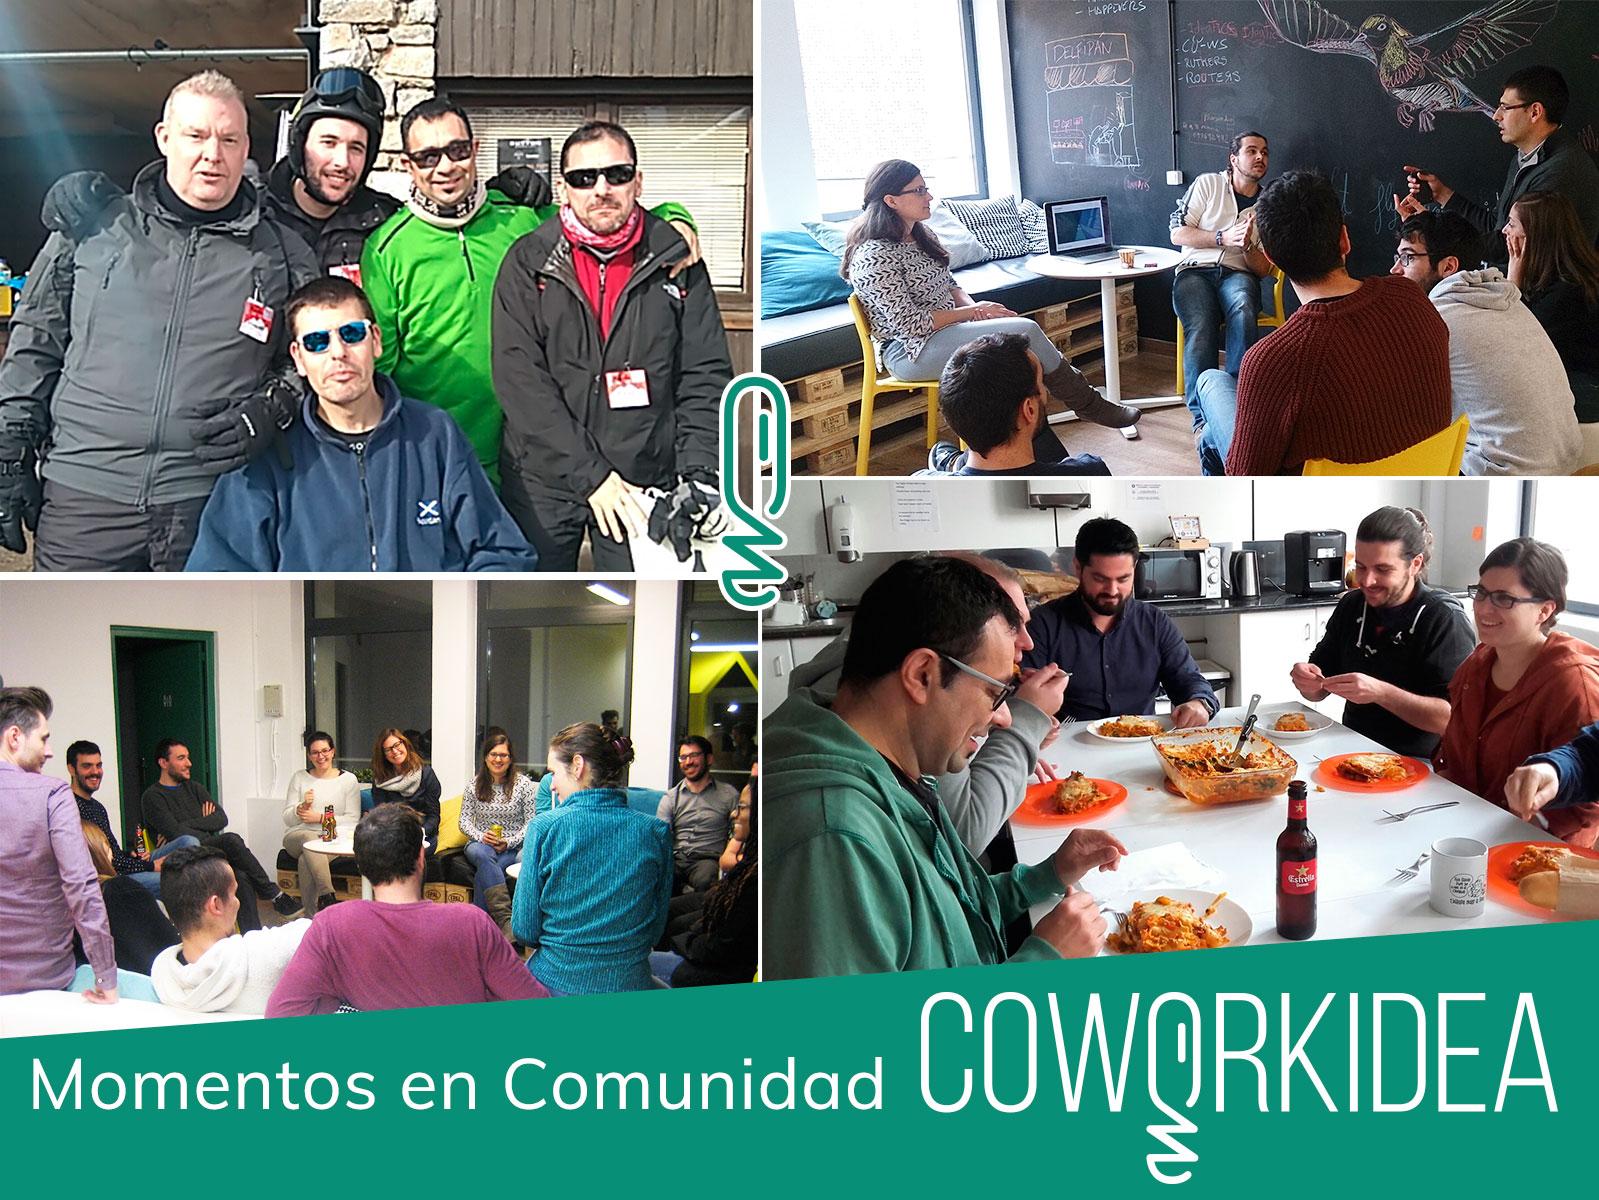 Momentos en comunidad en Coworkidea